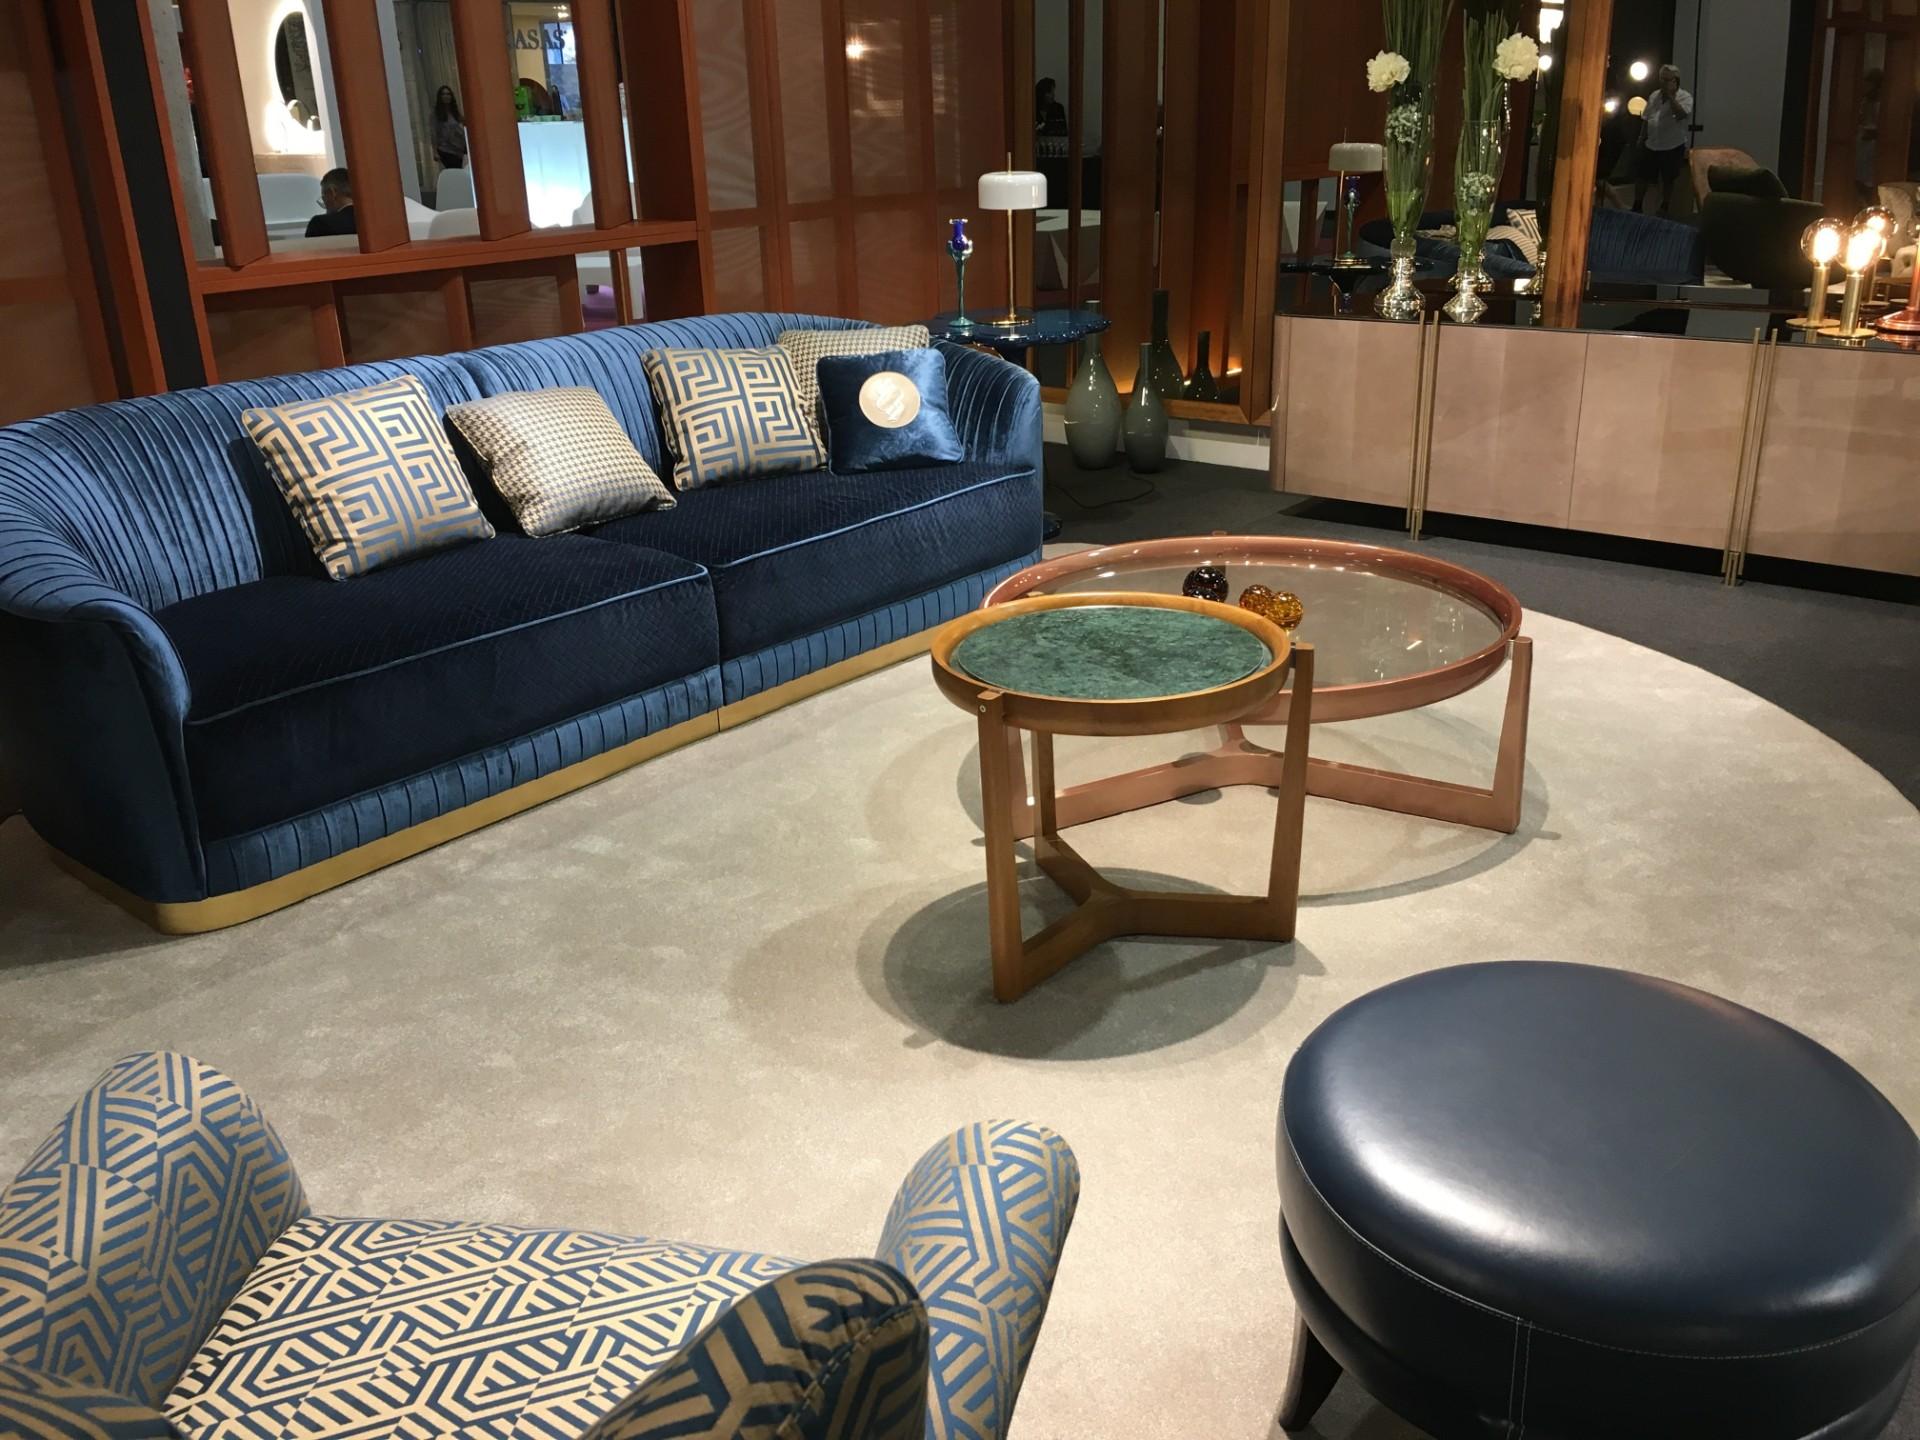 feria-habitat-valencia-2018-interiorismo-interiores-mobiliario-muebles-7